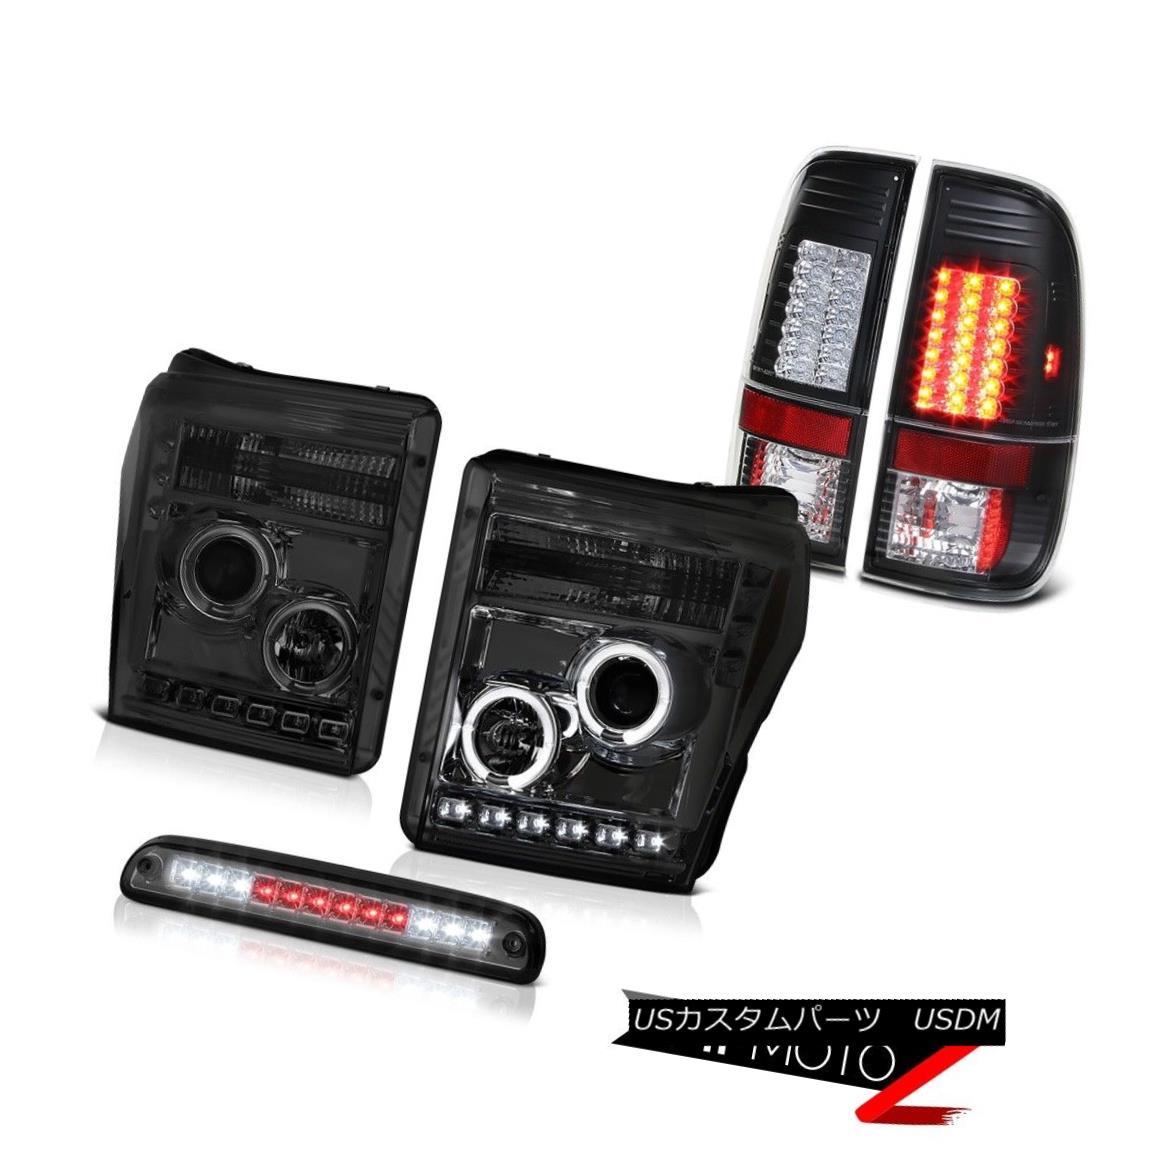 テールライト 2011-2016 Ford F-250 Third Brake Lamp Matte Black Tail Lights Headlamps LED SMD 2011-2016フォードF-250第3ブレーキランプマットブラックテールライトヘッドランプLED SMD